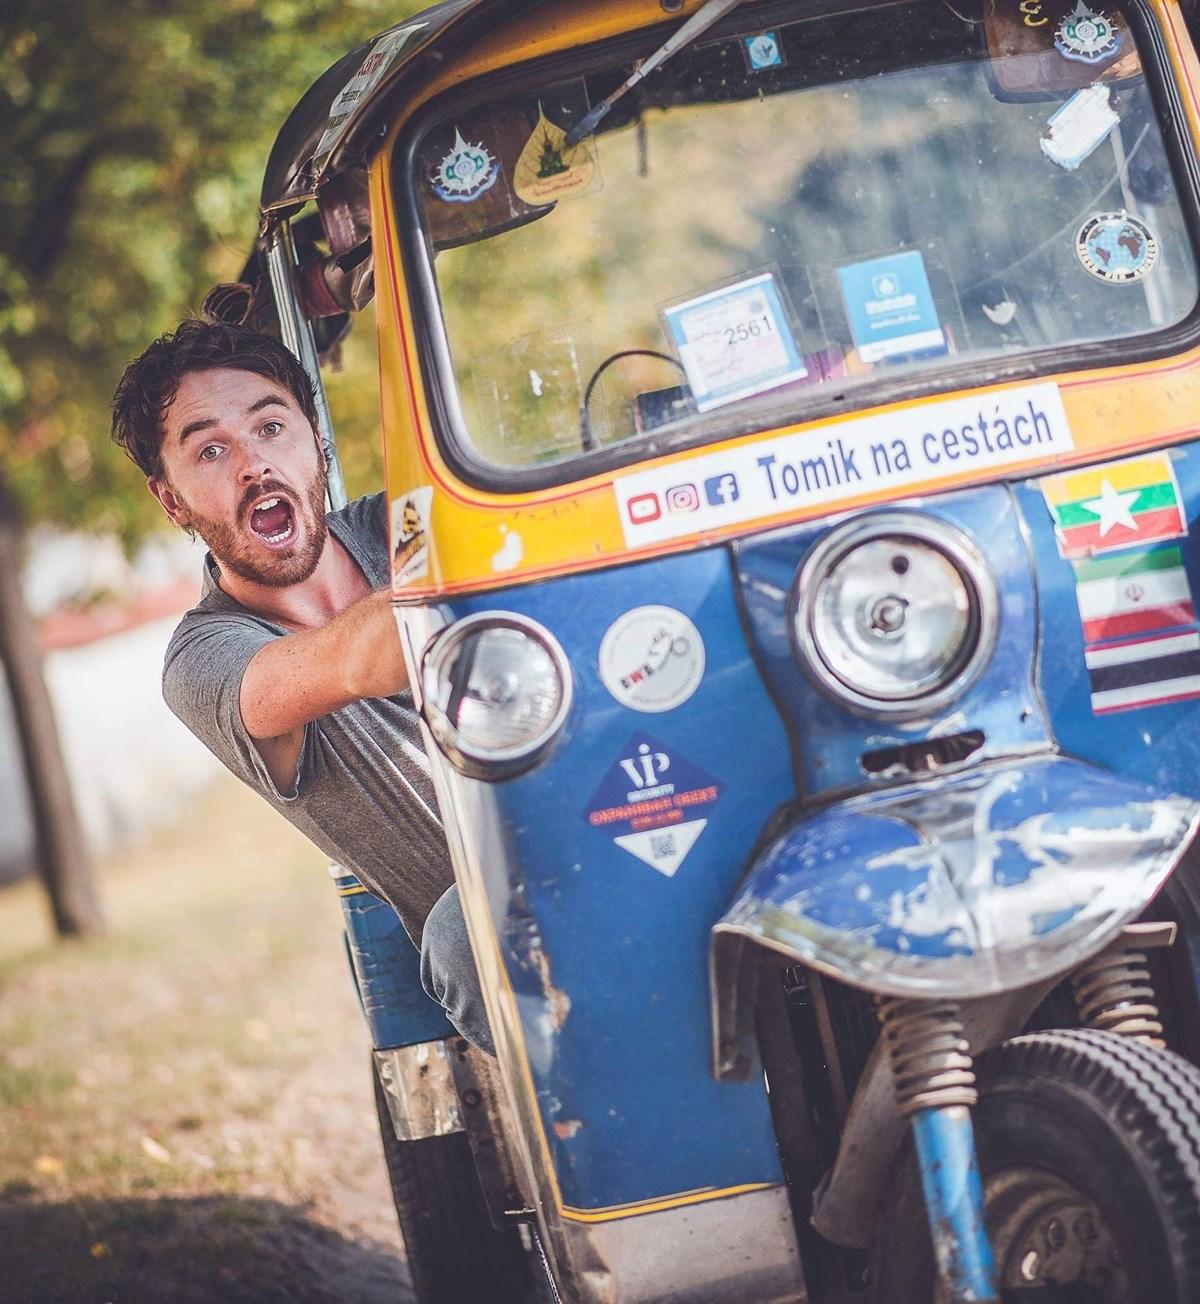 Tuktukem z Thajska až na Moravu s Tomíkem na Cestách /Příbor